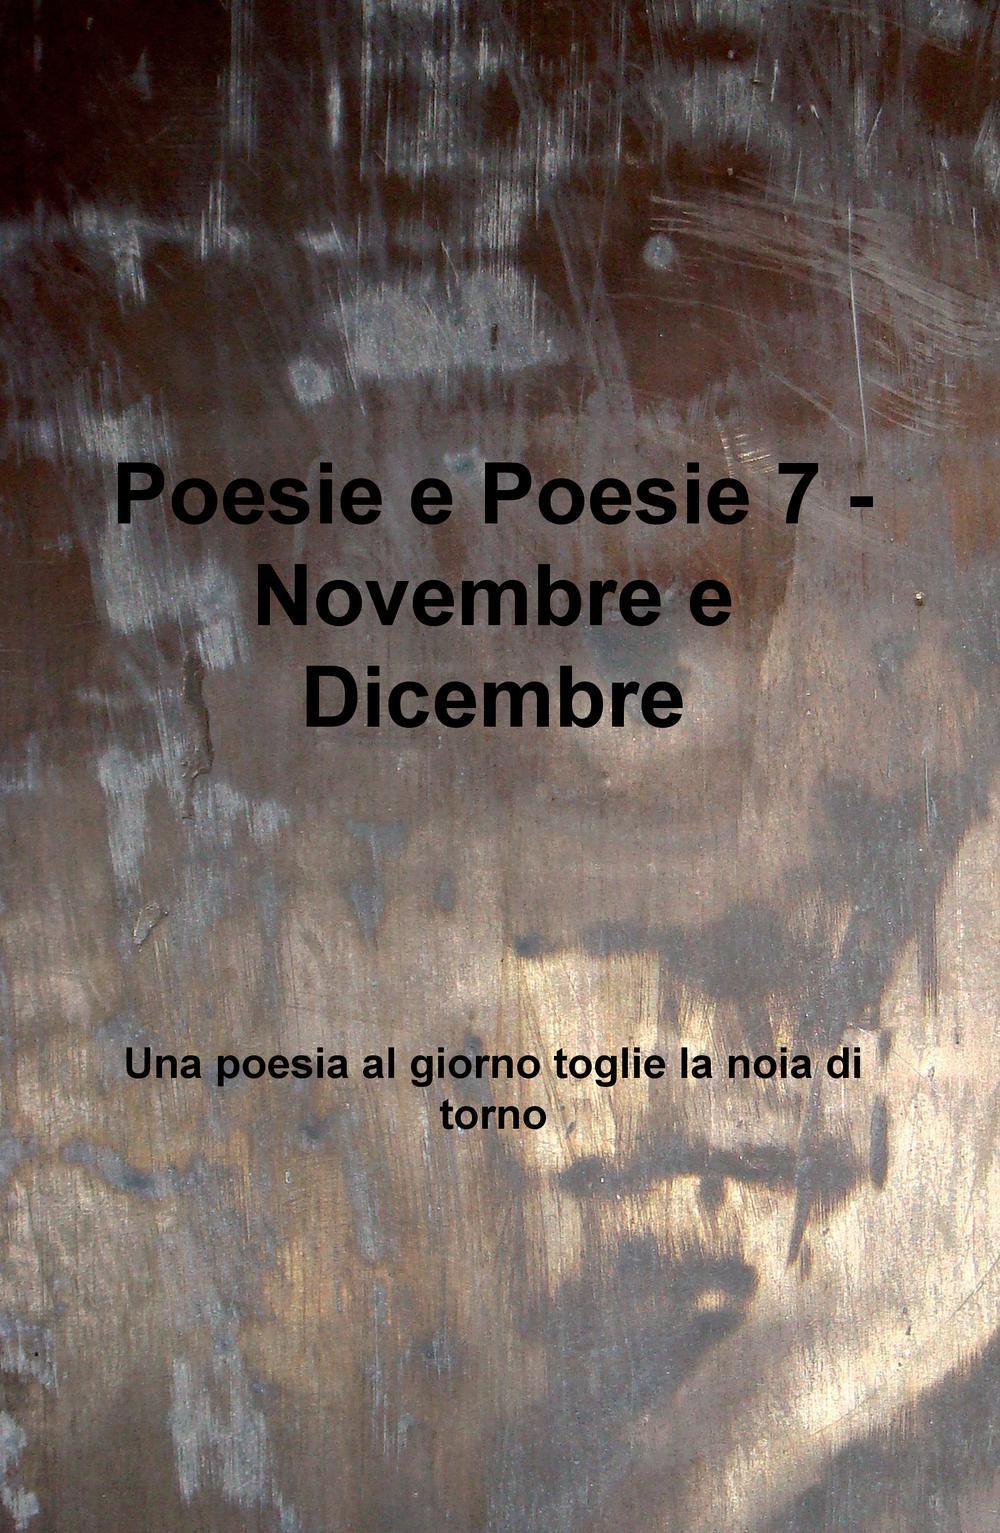 Image of Poesie e poesie. Novembre e dicembre. Una poesia al giorno toglie la noia di torno. Vol. 7